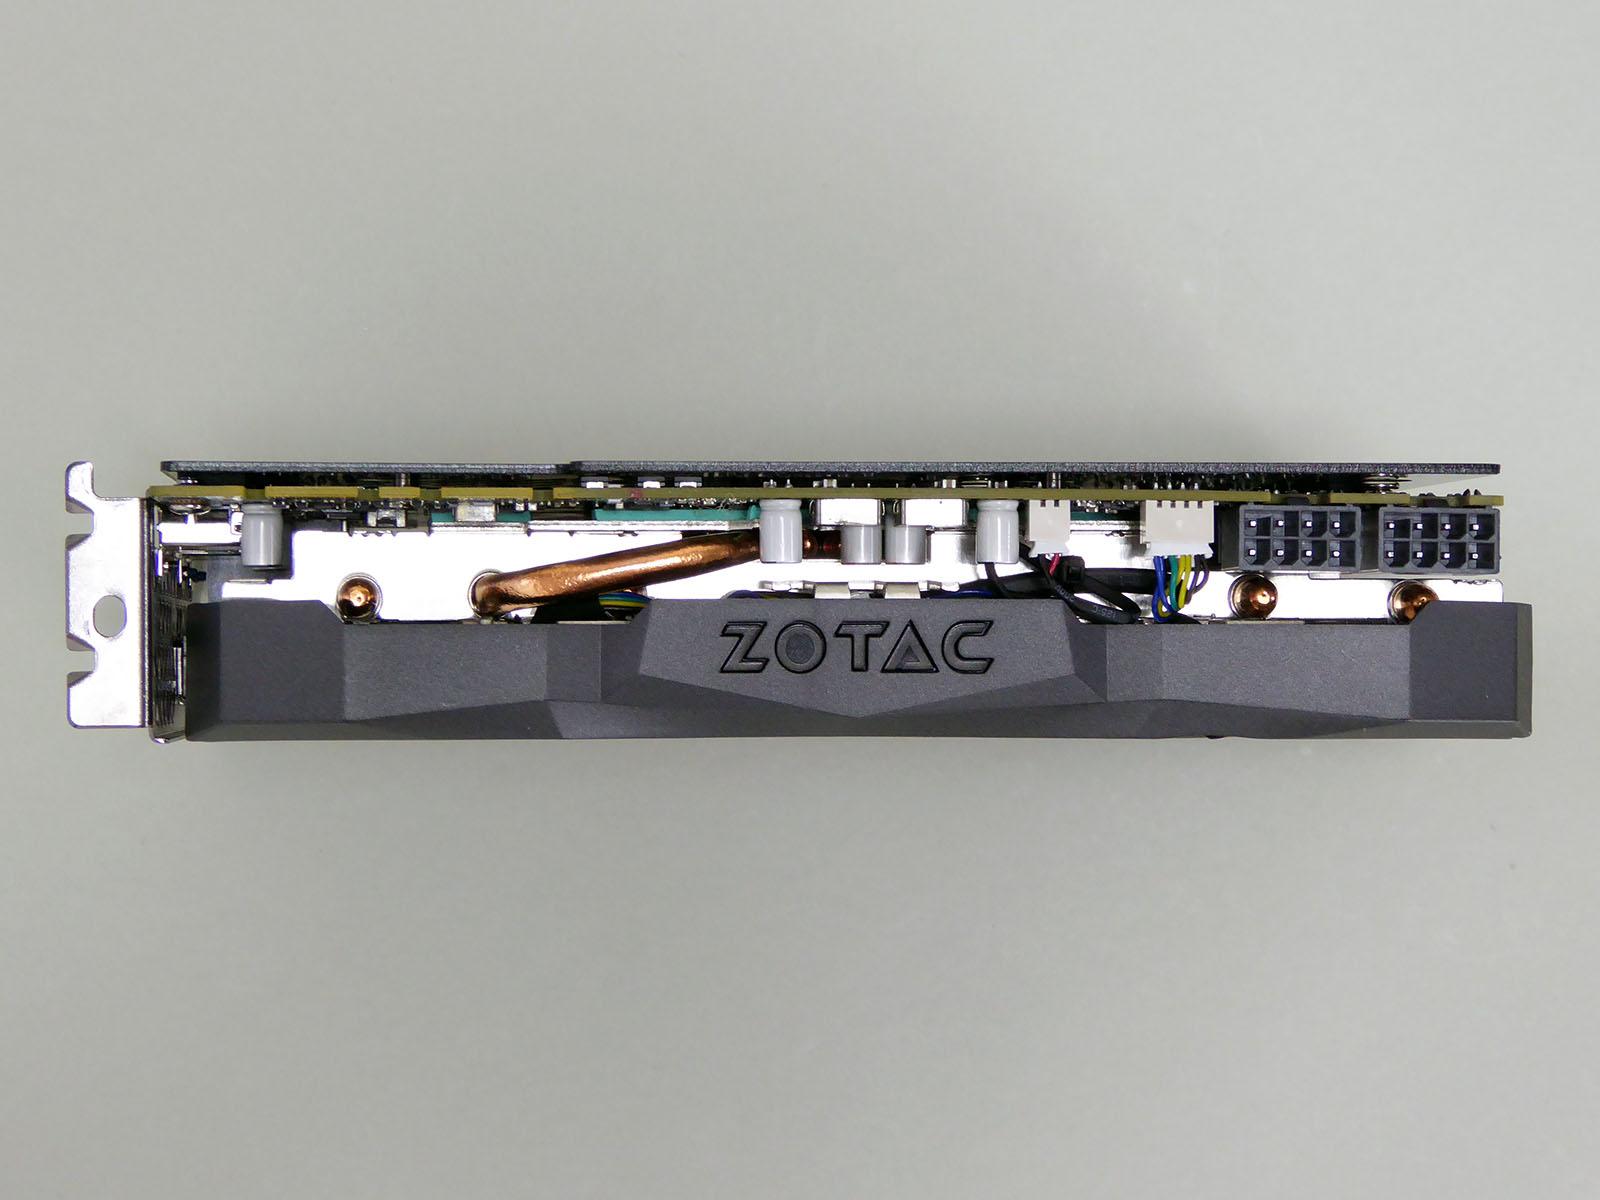 ZOTACロゴ部分にはLEDを搭載。補助電源コネクタは8ピン×2基に強化